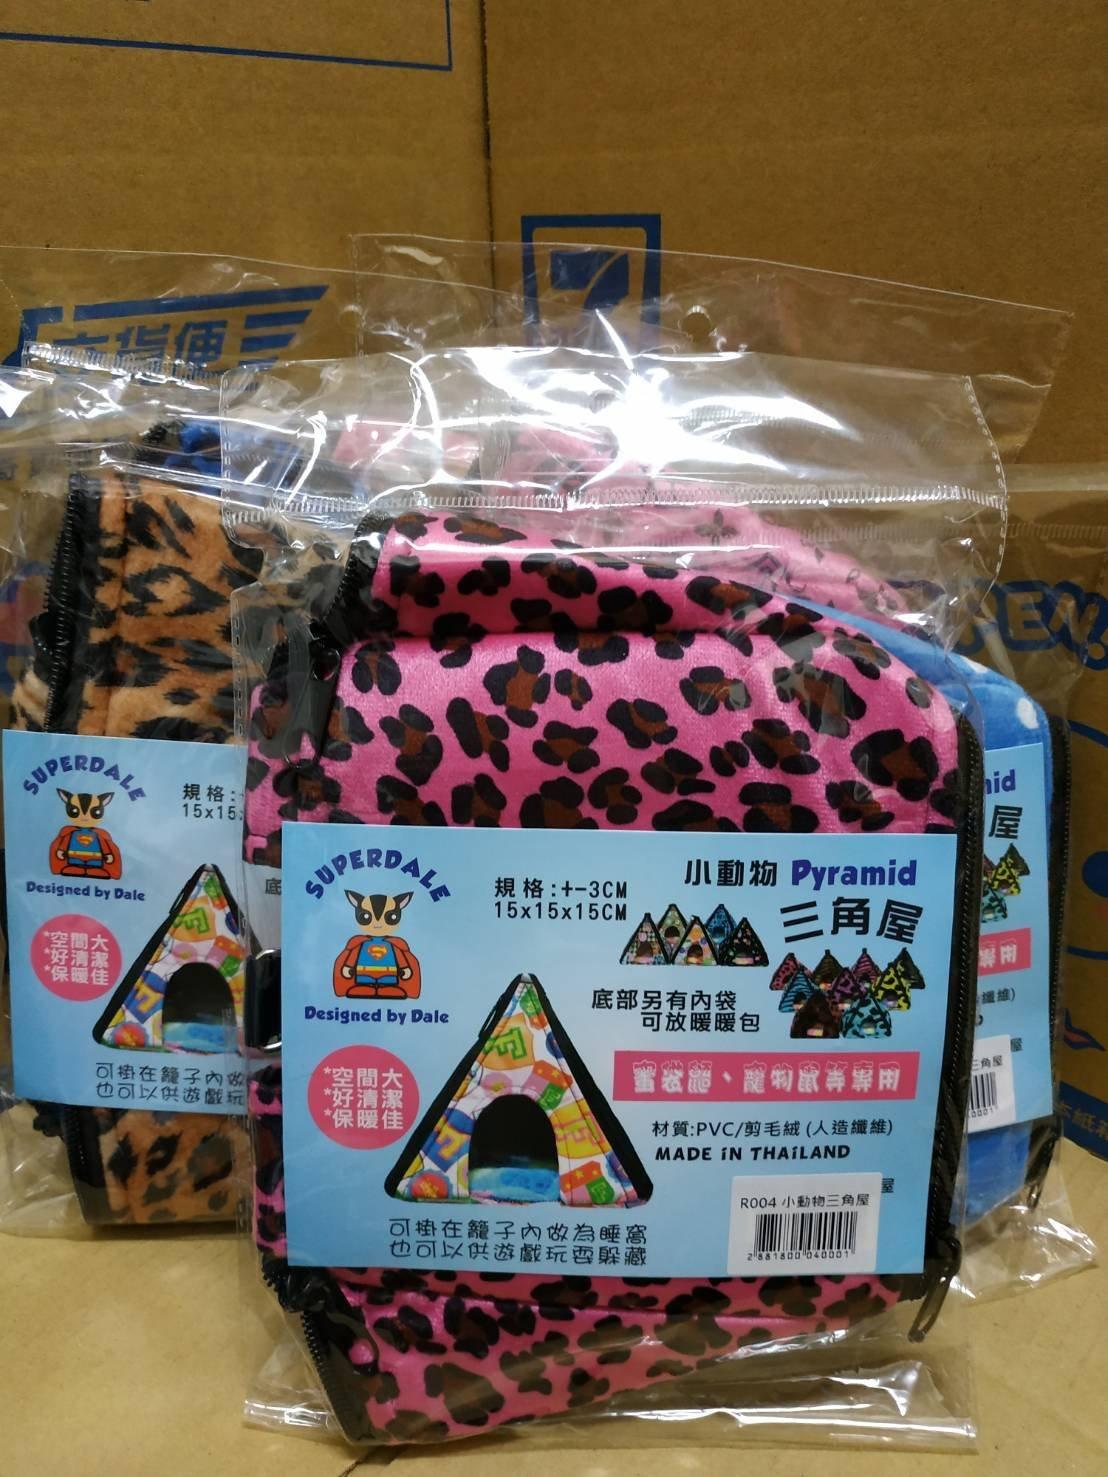 Brandish 蜜袋鼯睡窩 寵物鼠保暖吊床 小動物棉窩 金字塔型三角絨布屋 R004-A 籠掛袋 睡床 399元